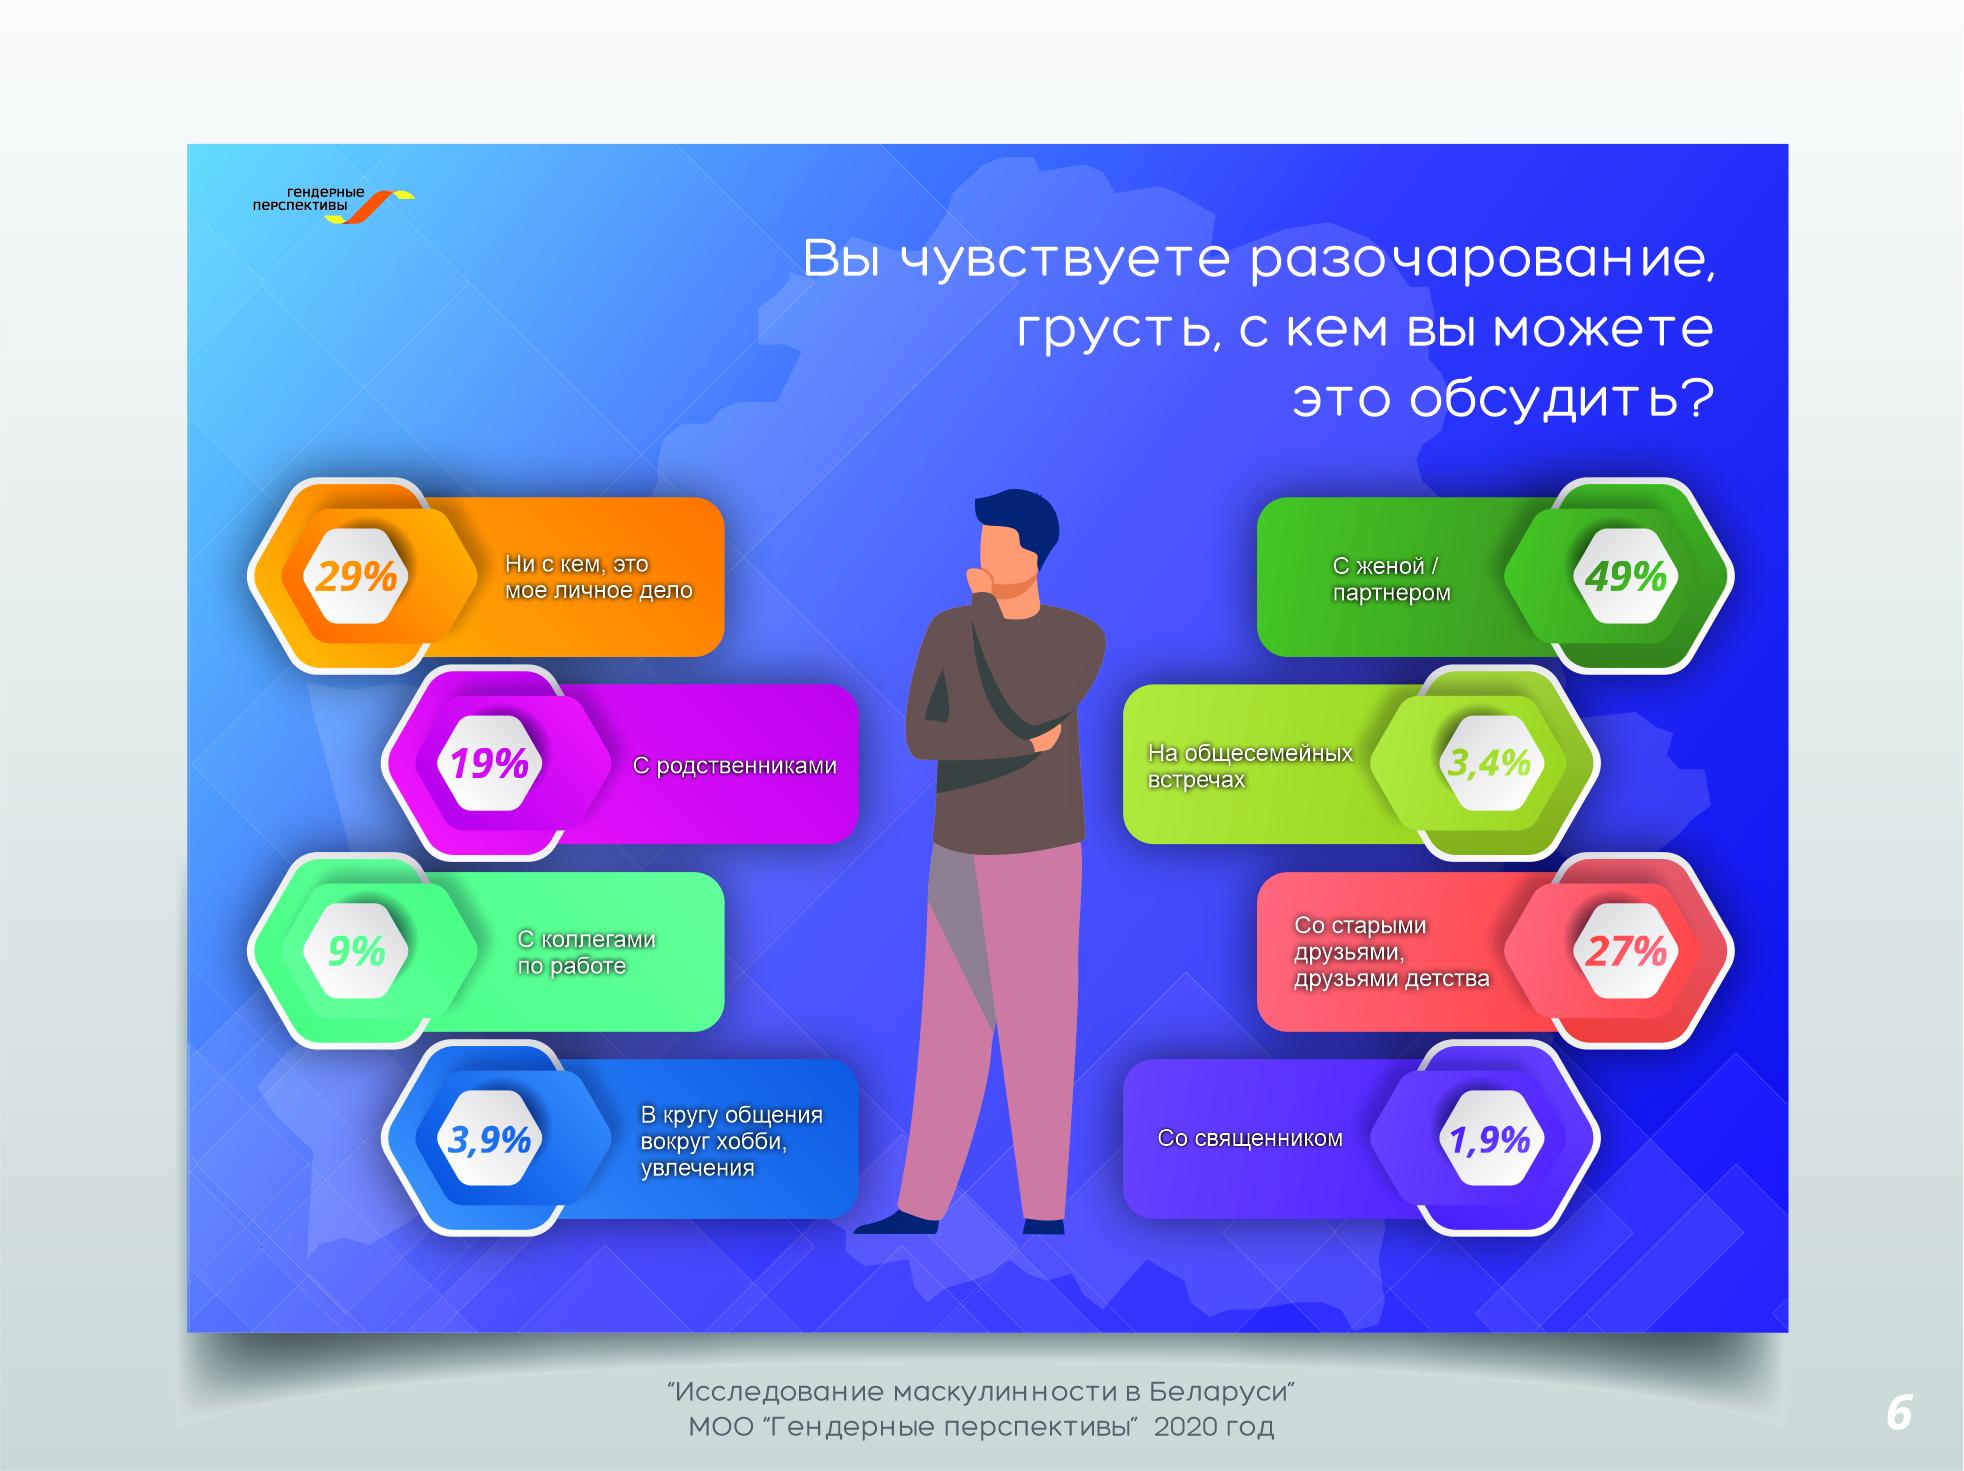 Инфографика предоставлена МОО